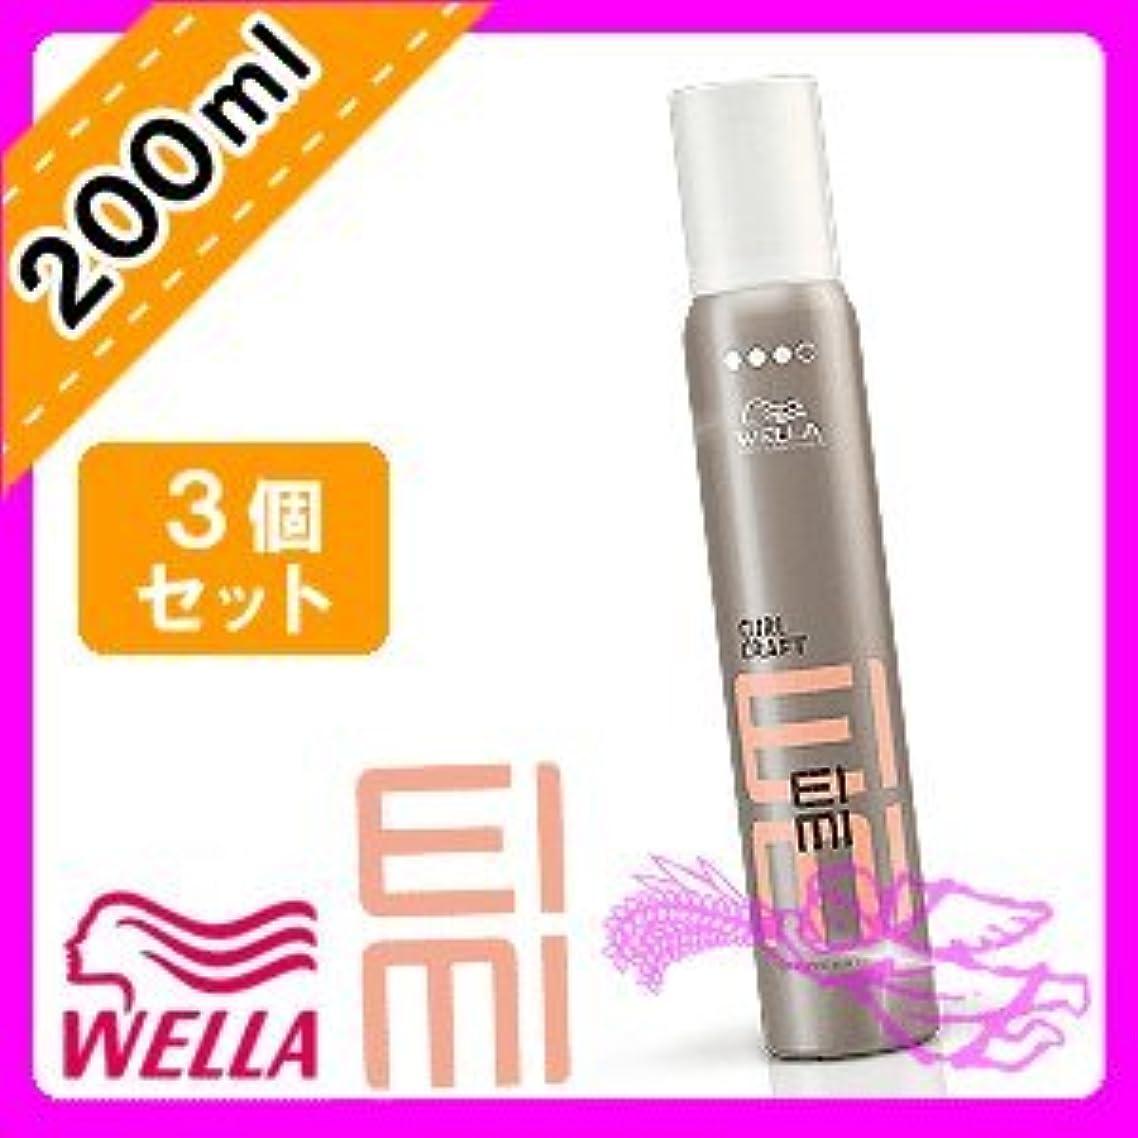 免除あえぎ玉ウエラ EIMI(アイミィ) カールクラフトワックスムース 200ml ×3個 セット WELLA P&G